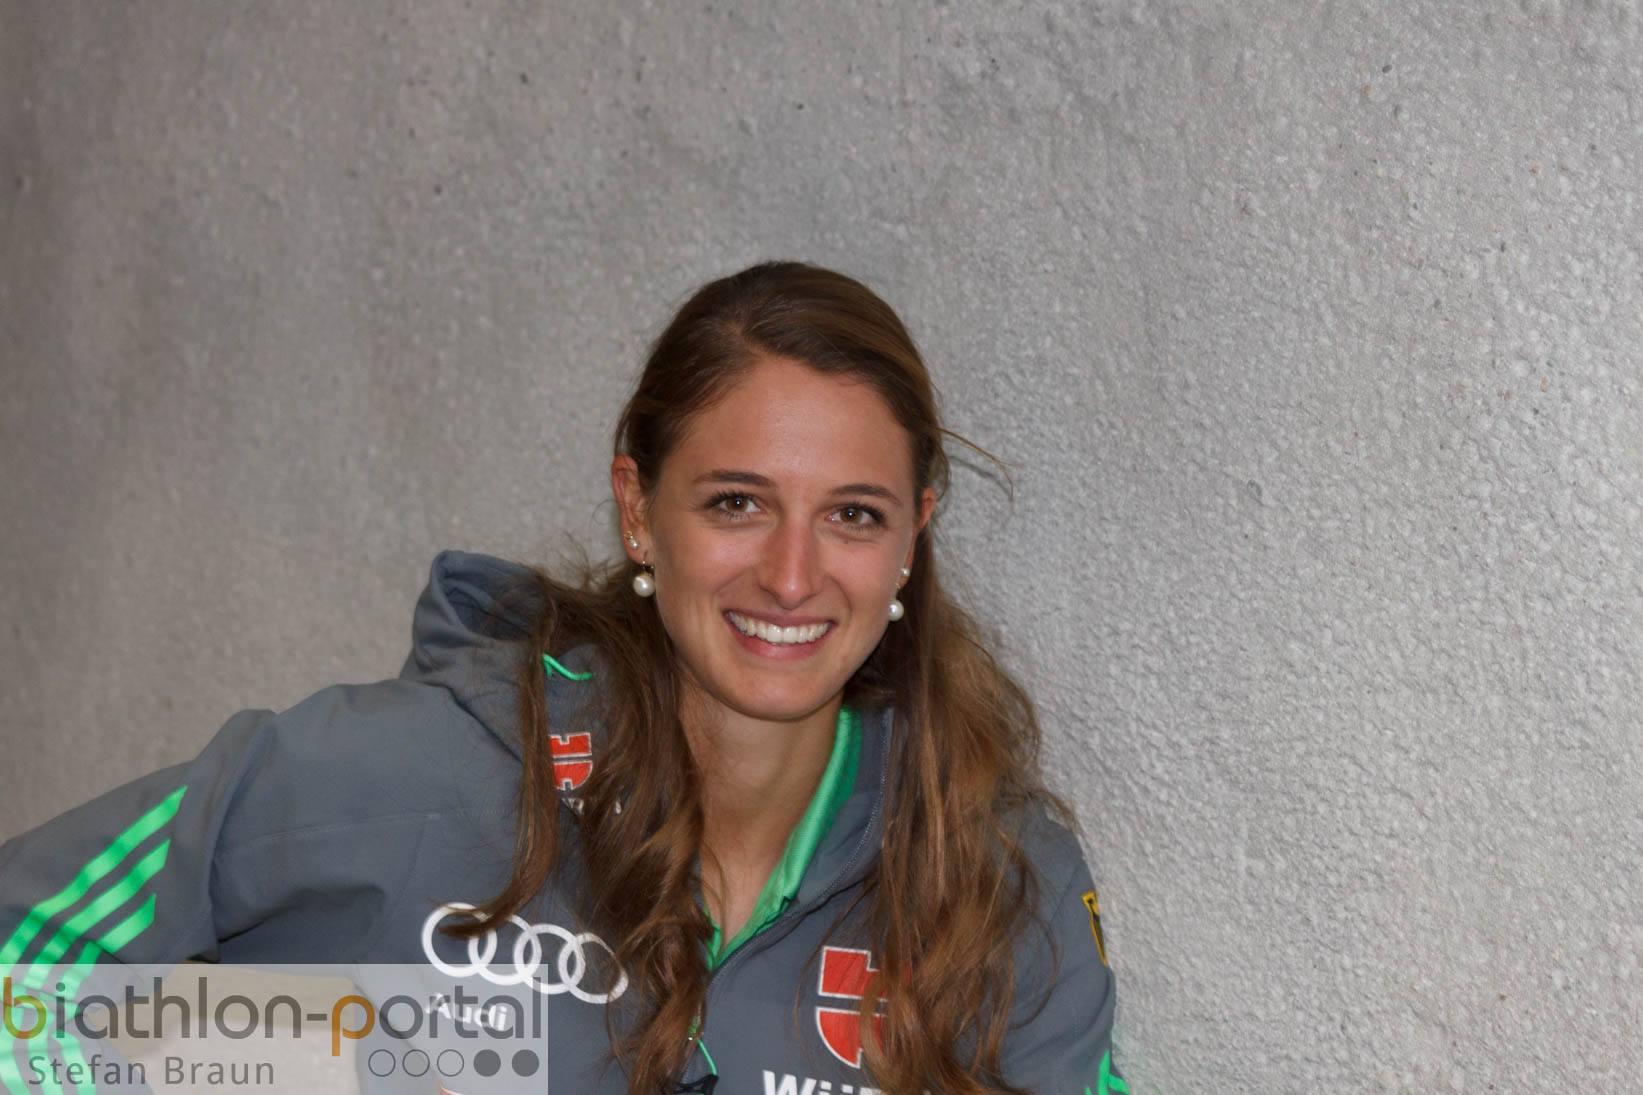 Freizeit Bilder - Vanessa Hinz Biathlon #VH